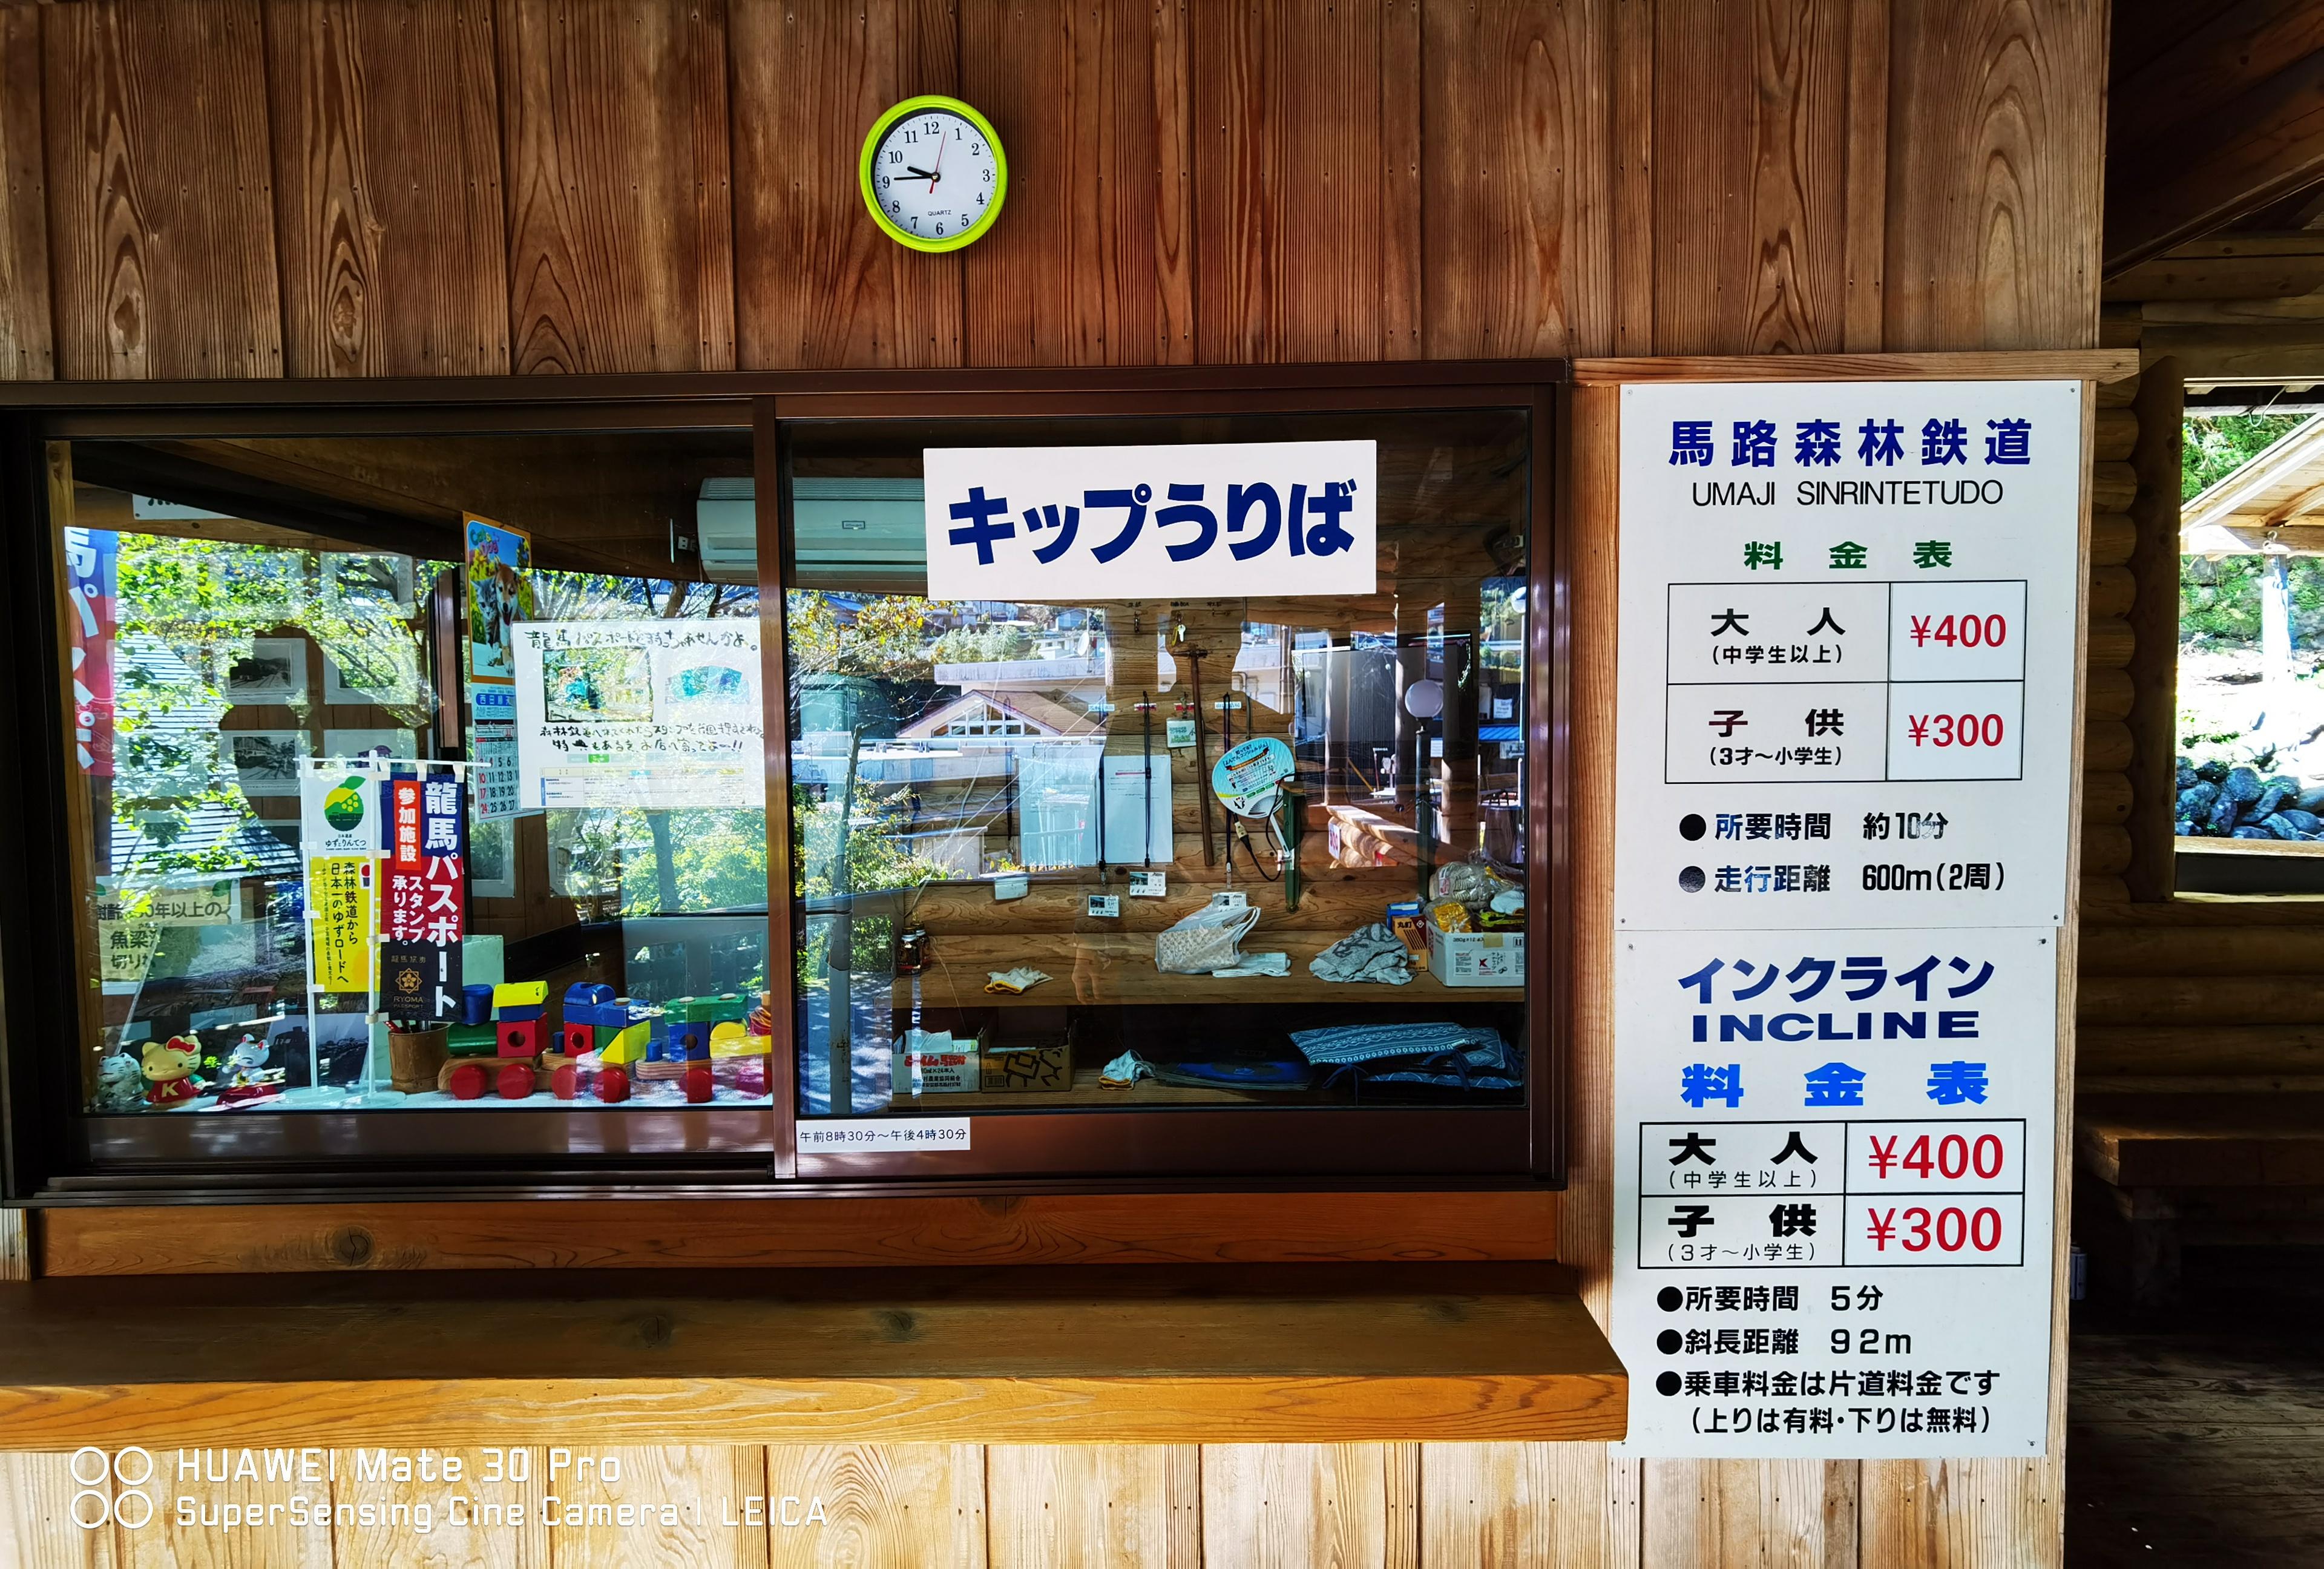 日本四國高知秘境之旅開車自駕行程規劃住宿建議 馬路村、伊尾木洞、龍河洞、西島園藝園地